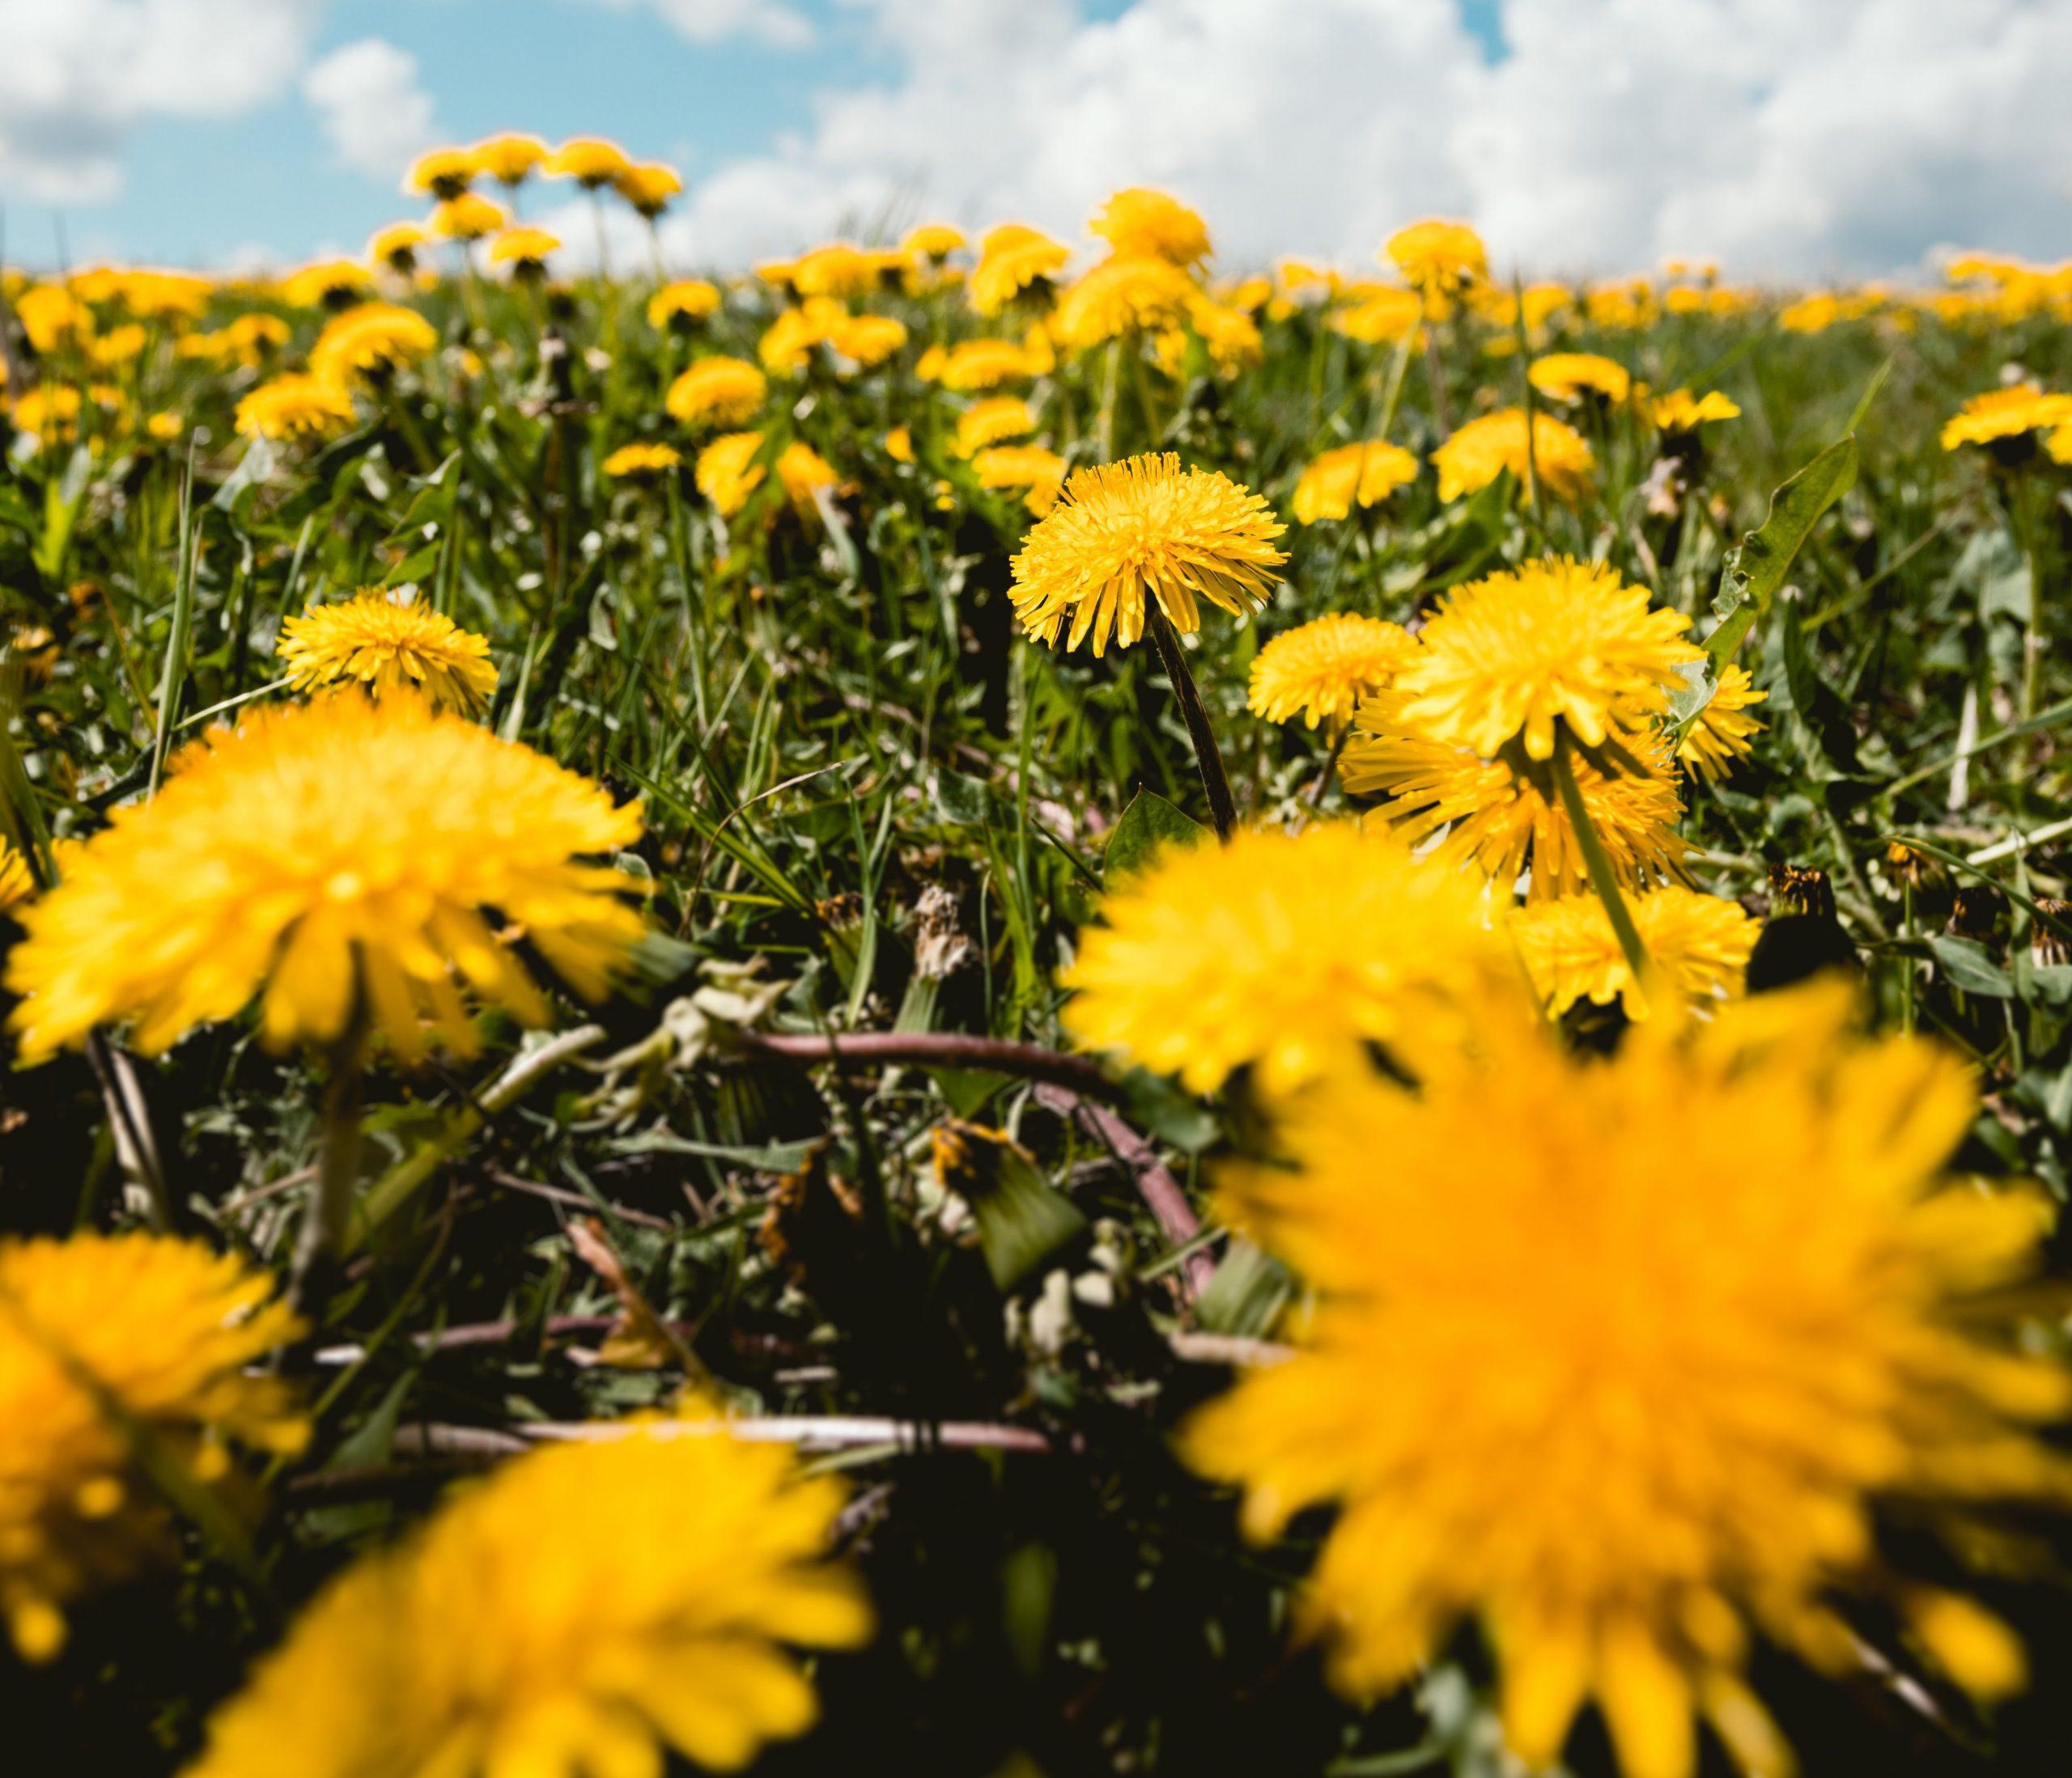 Viele gelbe Löwenzahn Blüten auf einer grünen Wiese, im Hintergrund blauer Himmel